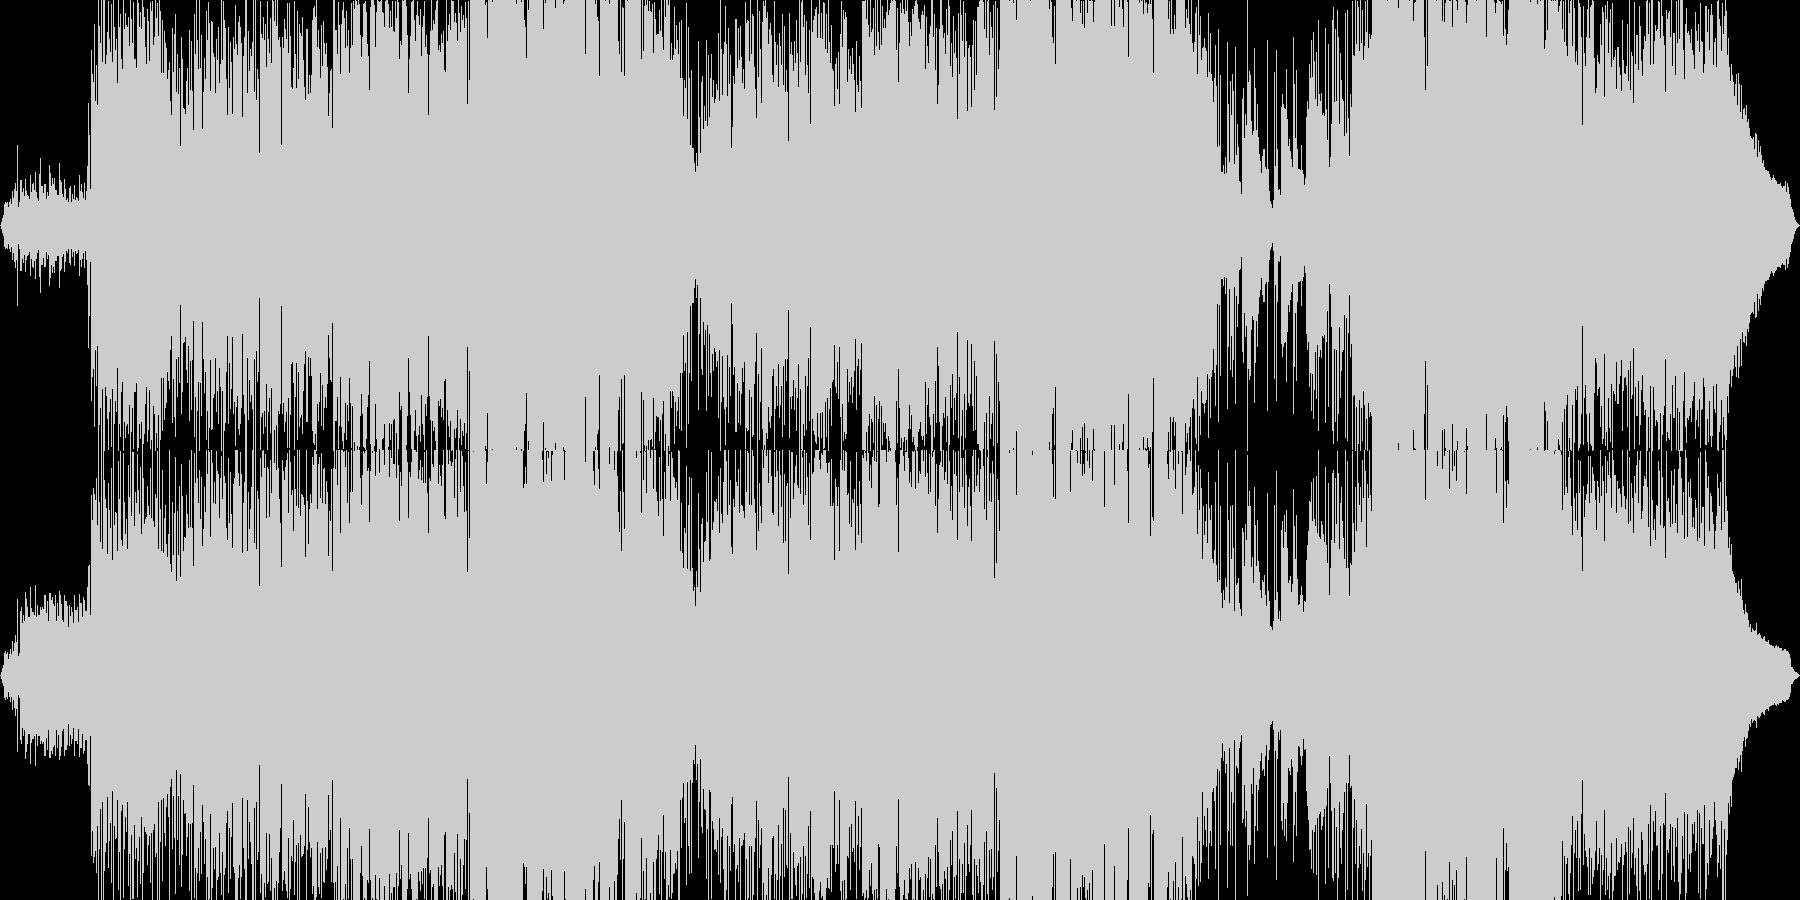 切なく、絶望的な世界を描いた楽曲の未再生の波形